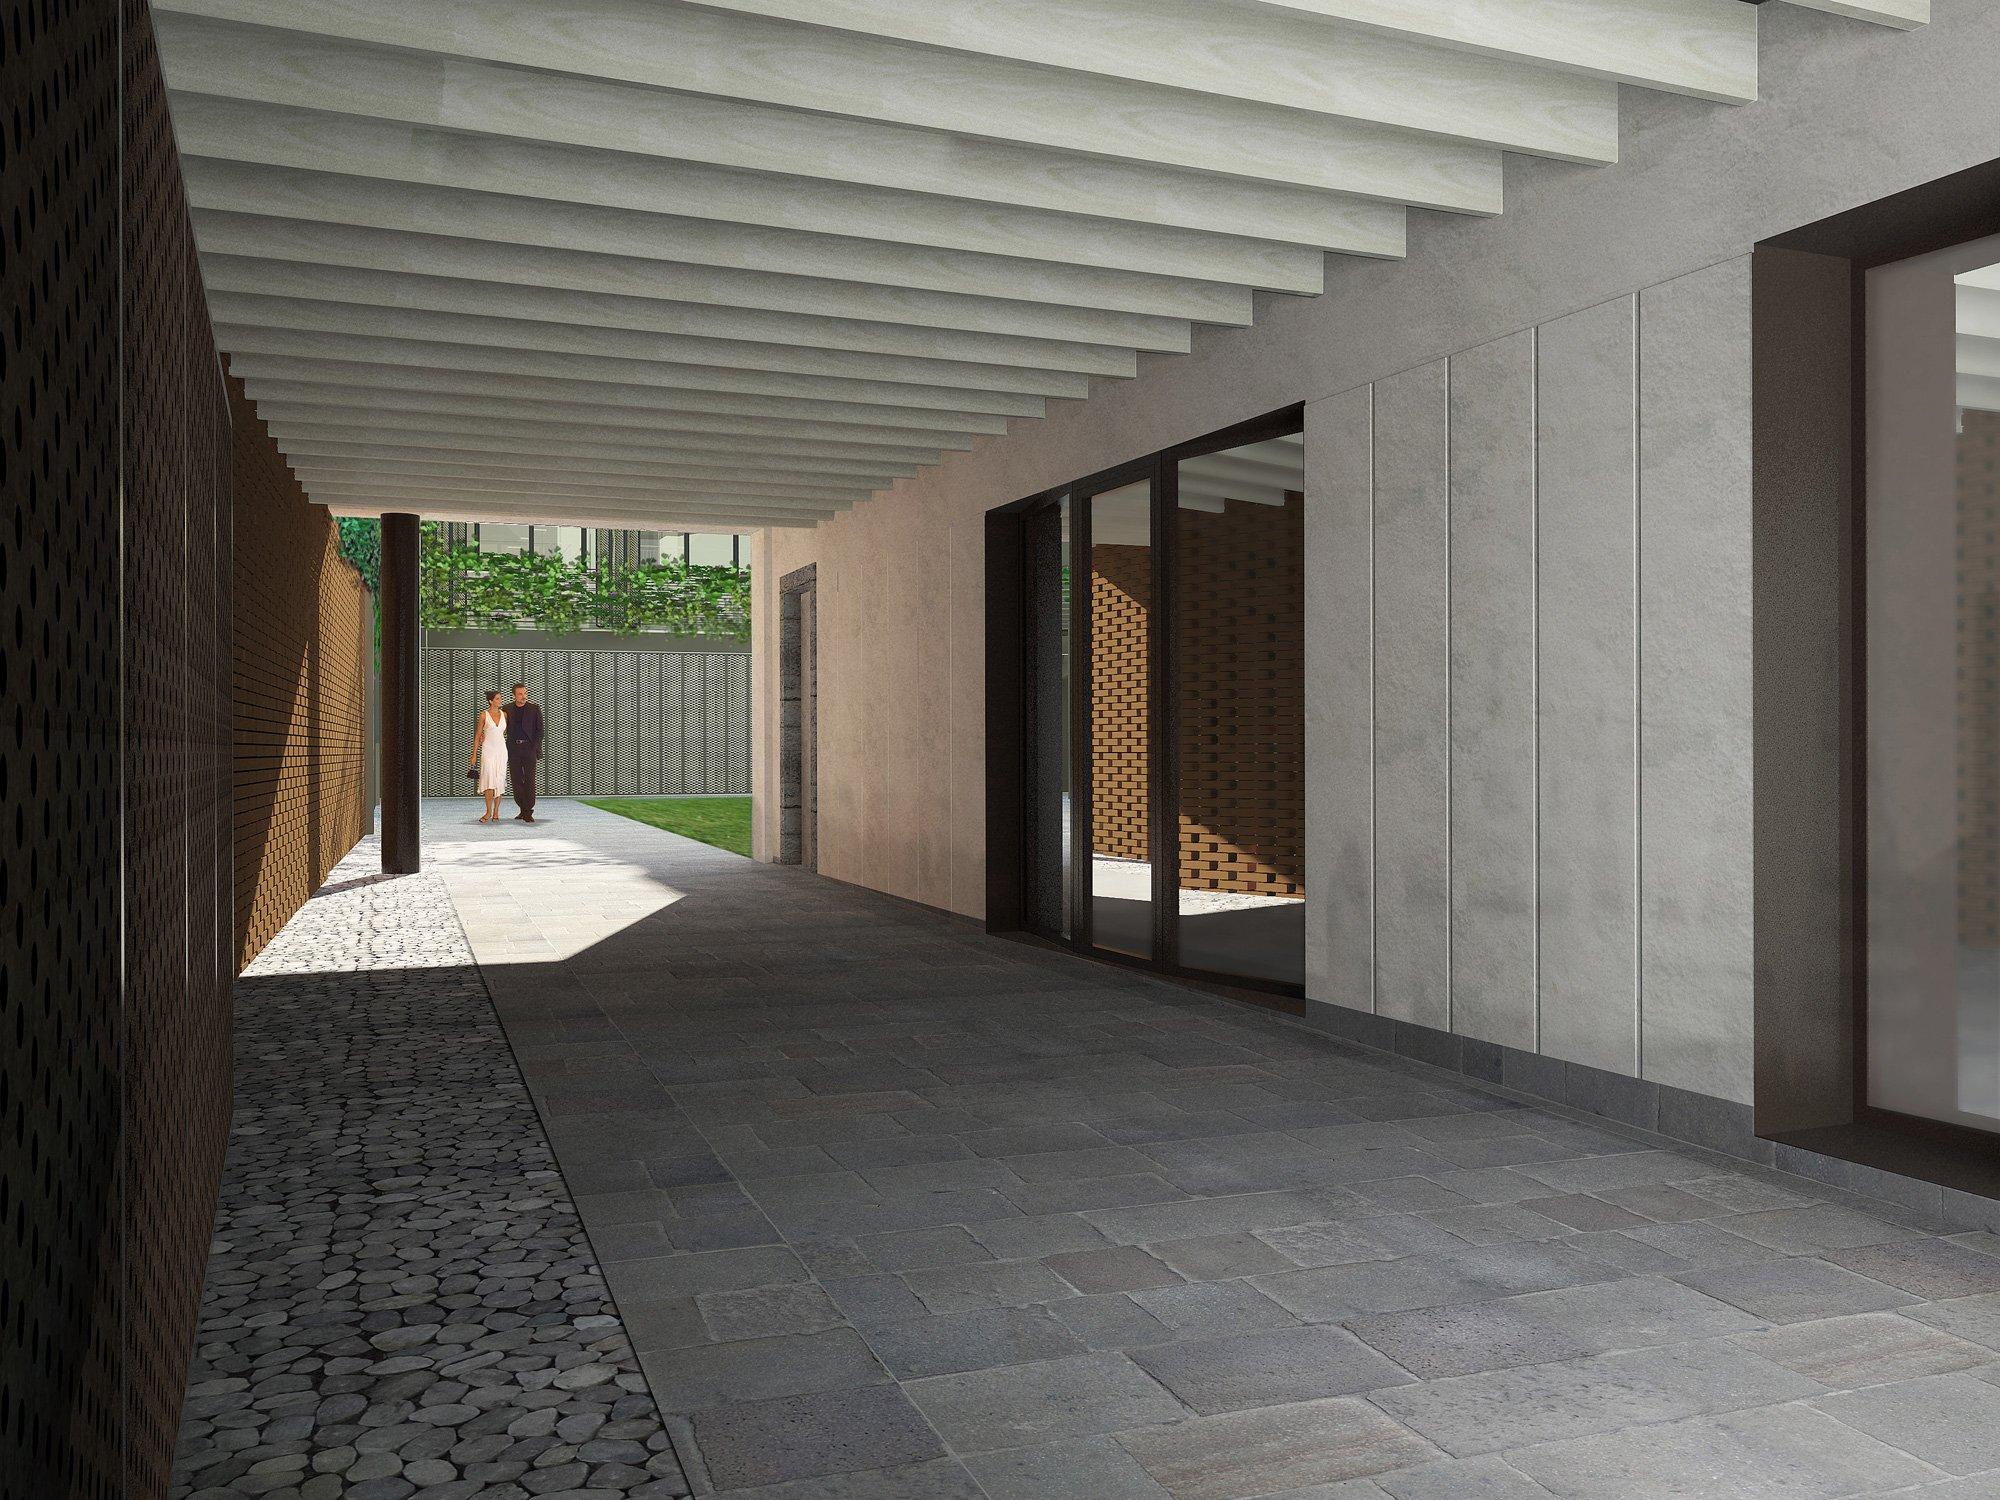 Concept © Bruno Stocco Architetto